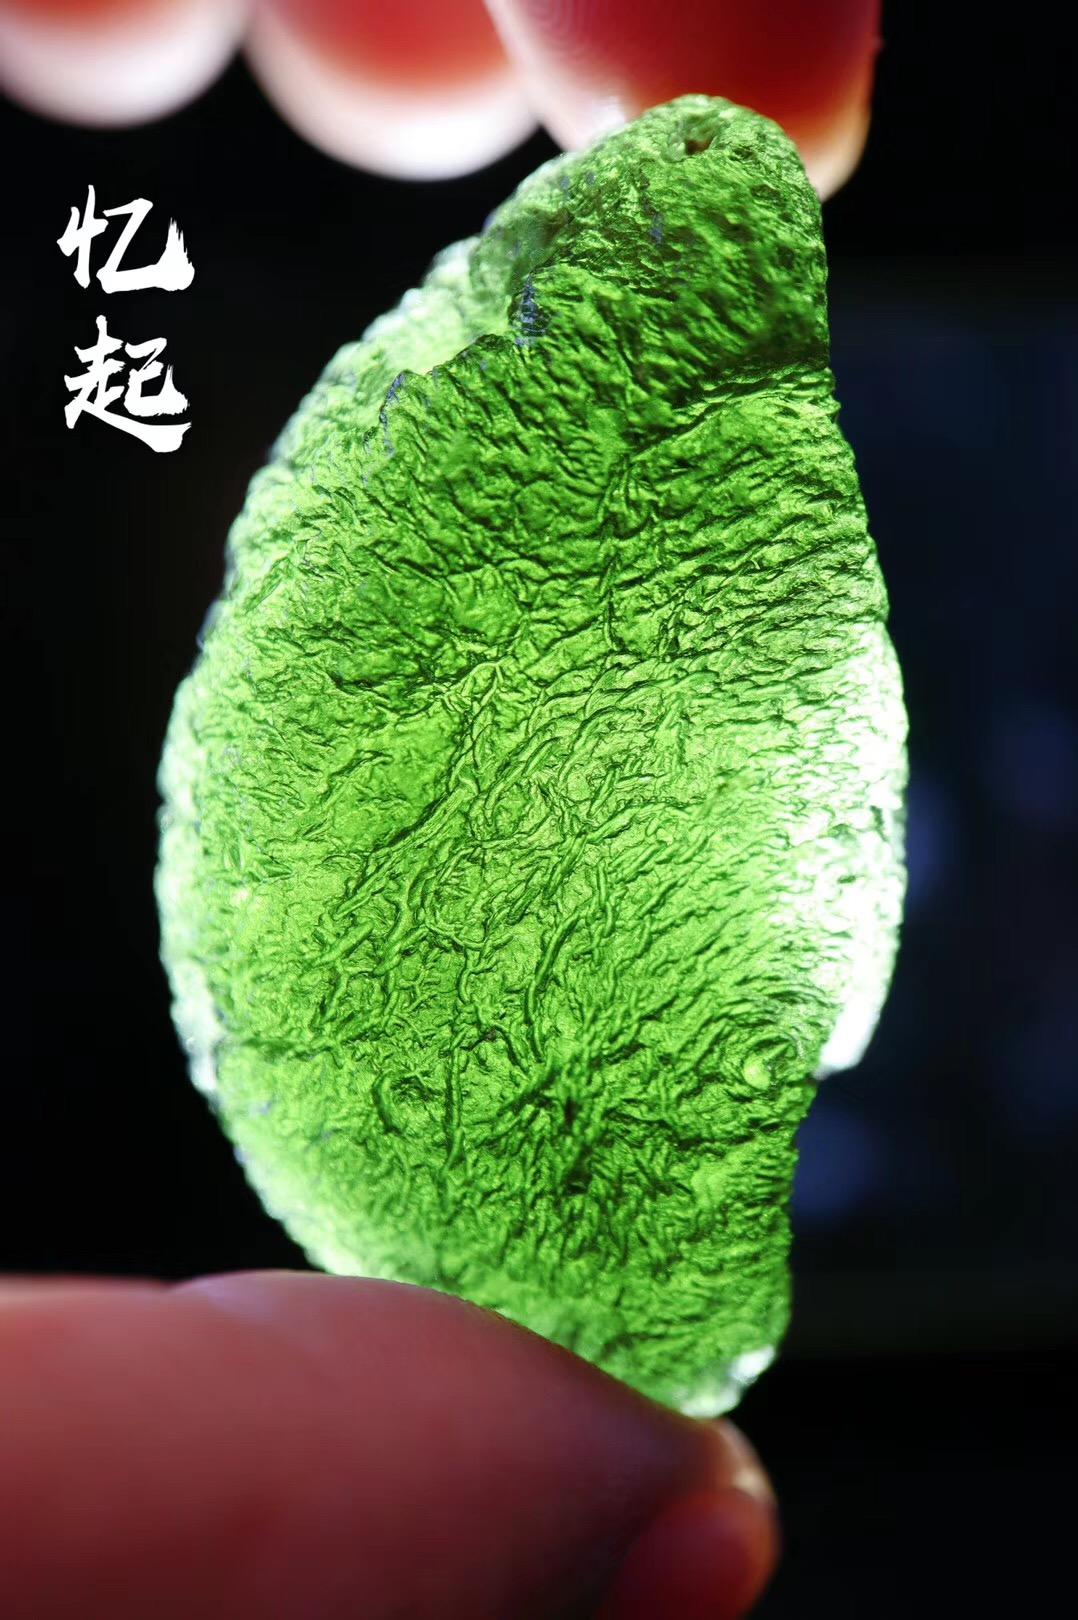 【捷克陨石】情不知所起,一往而深-菩心晶舍